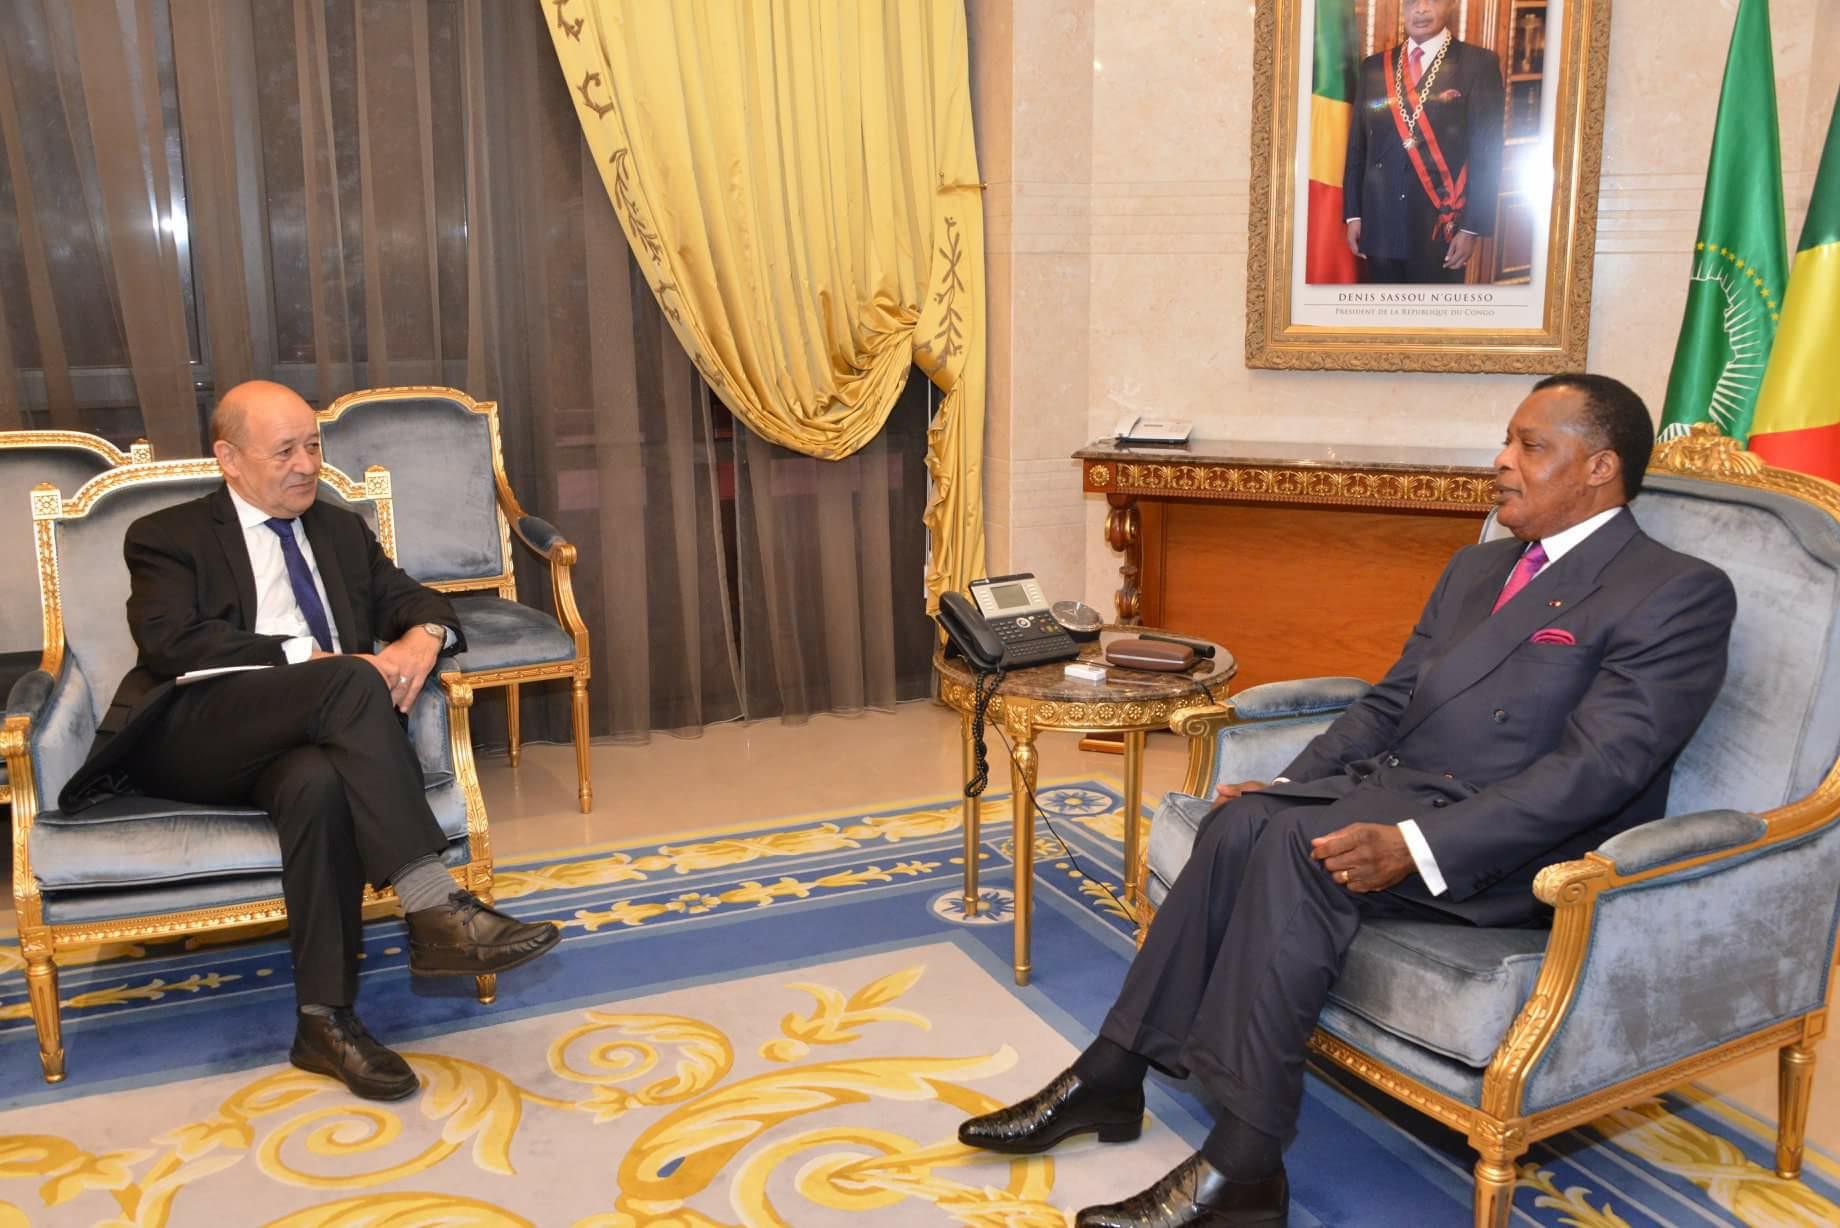 Le ministre des Affaires étrangères français, Jean-Yves Le Drian et le président congolais Denis Sassou N'Guesso